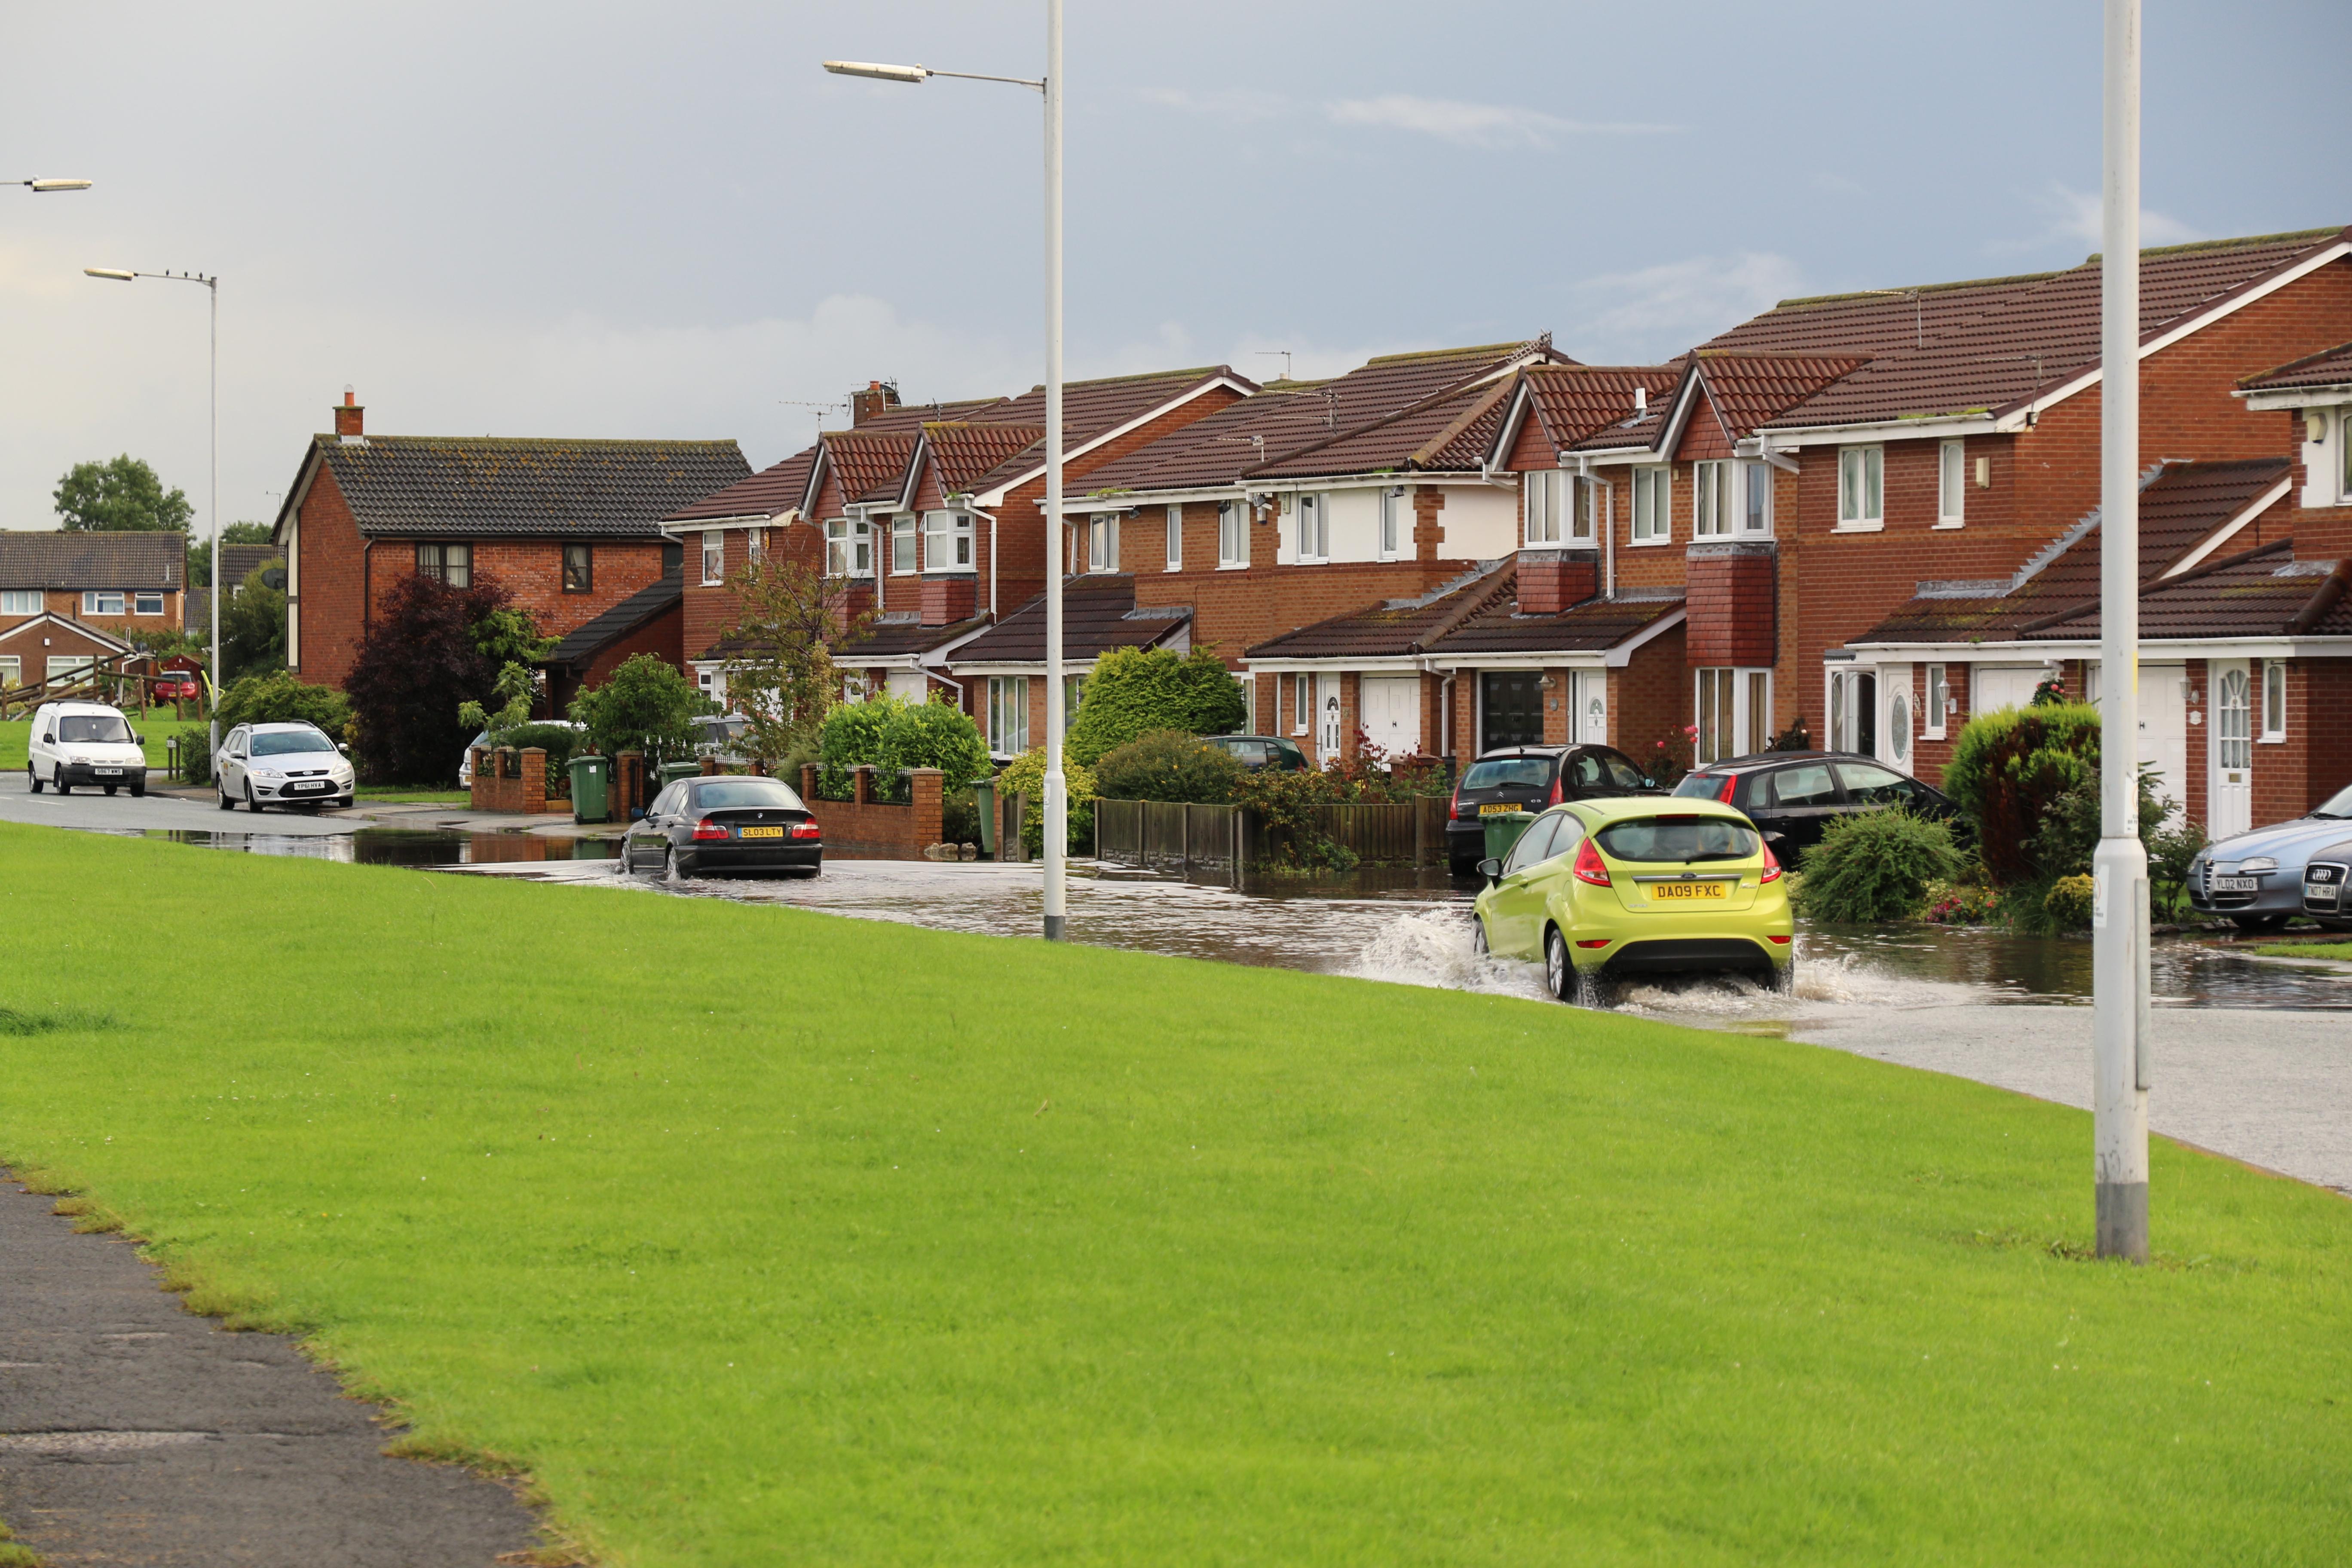 Moreton Floods - Millhouse Lane, towards Town Meadow Lane